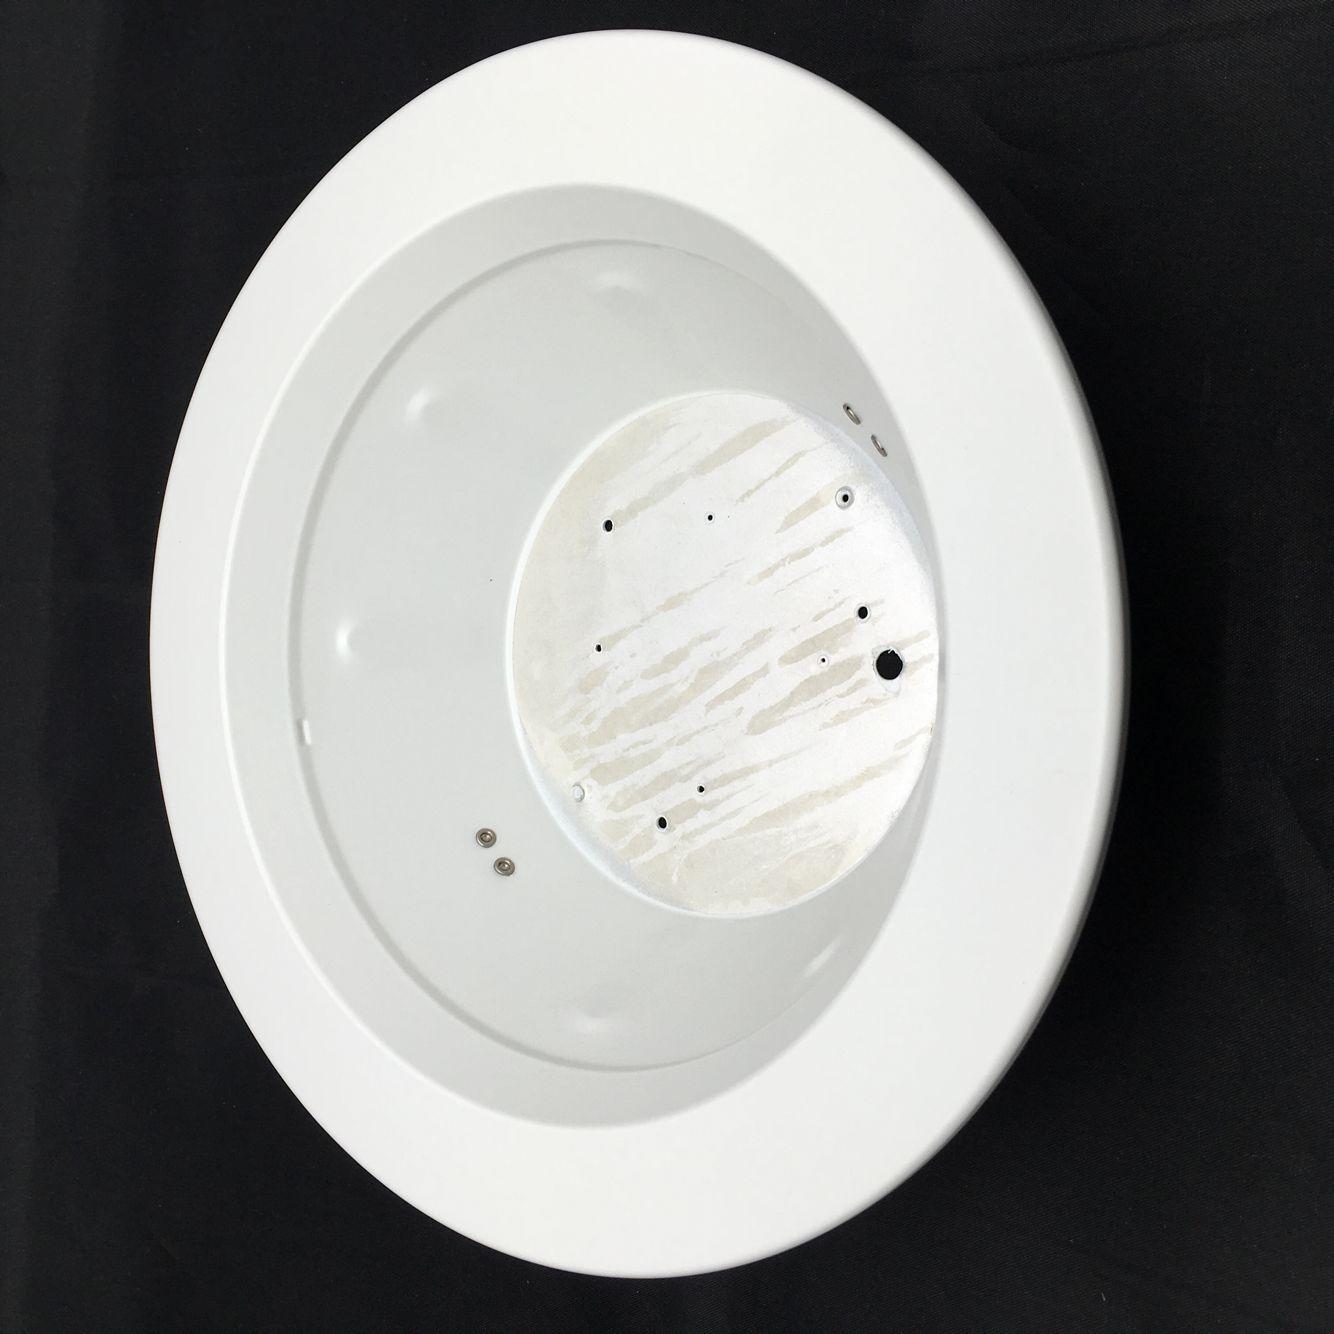 8寸LED筒灯外壳